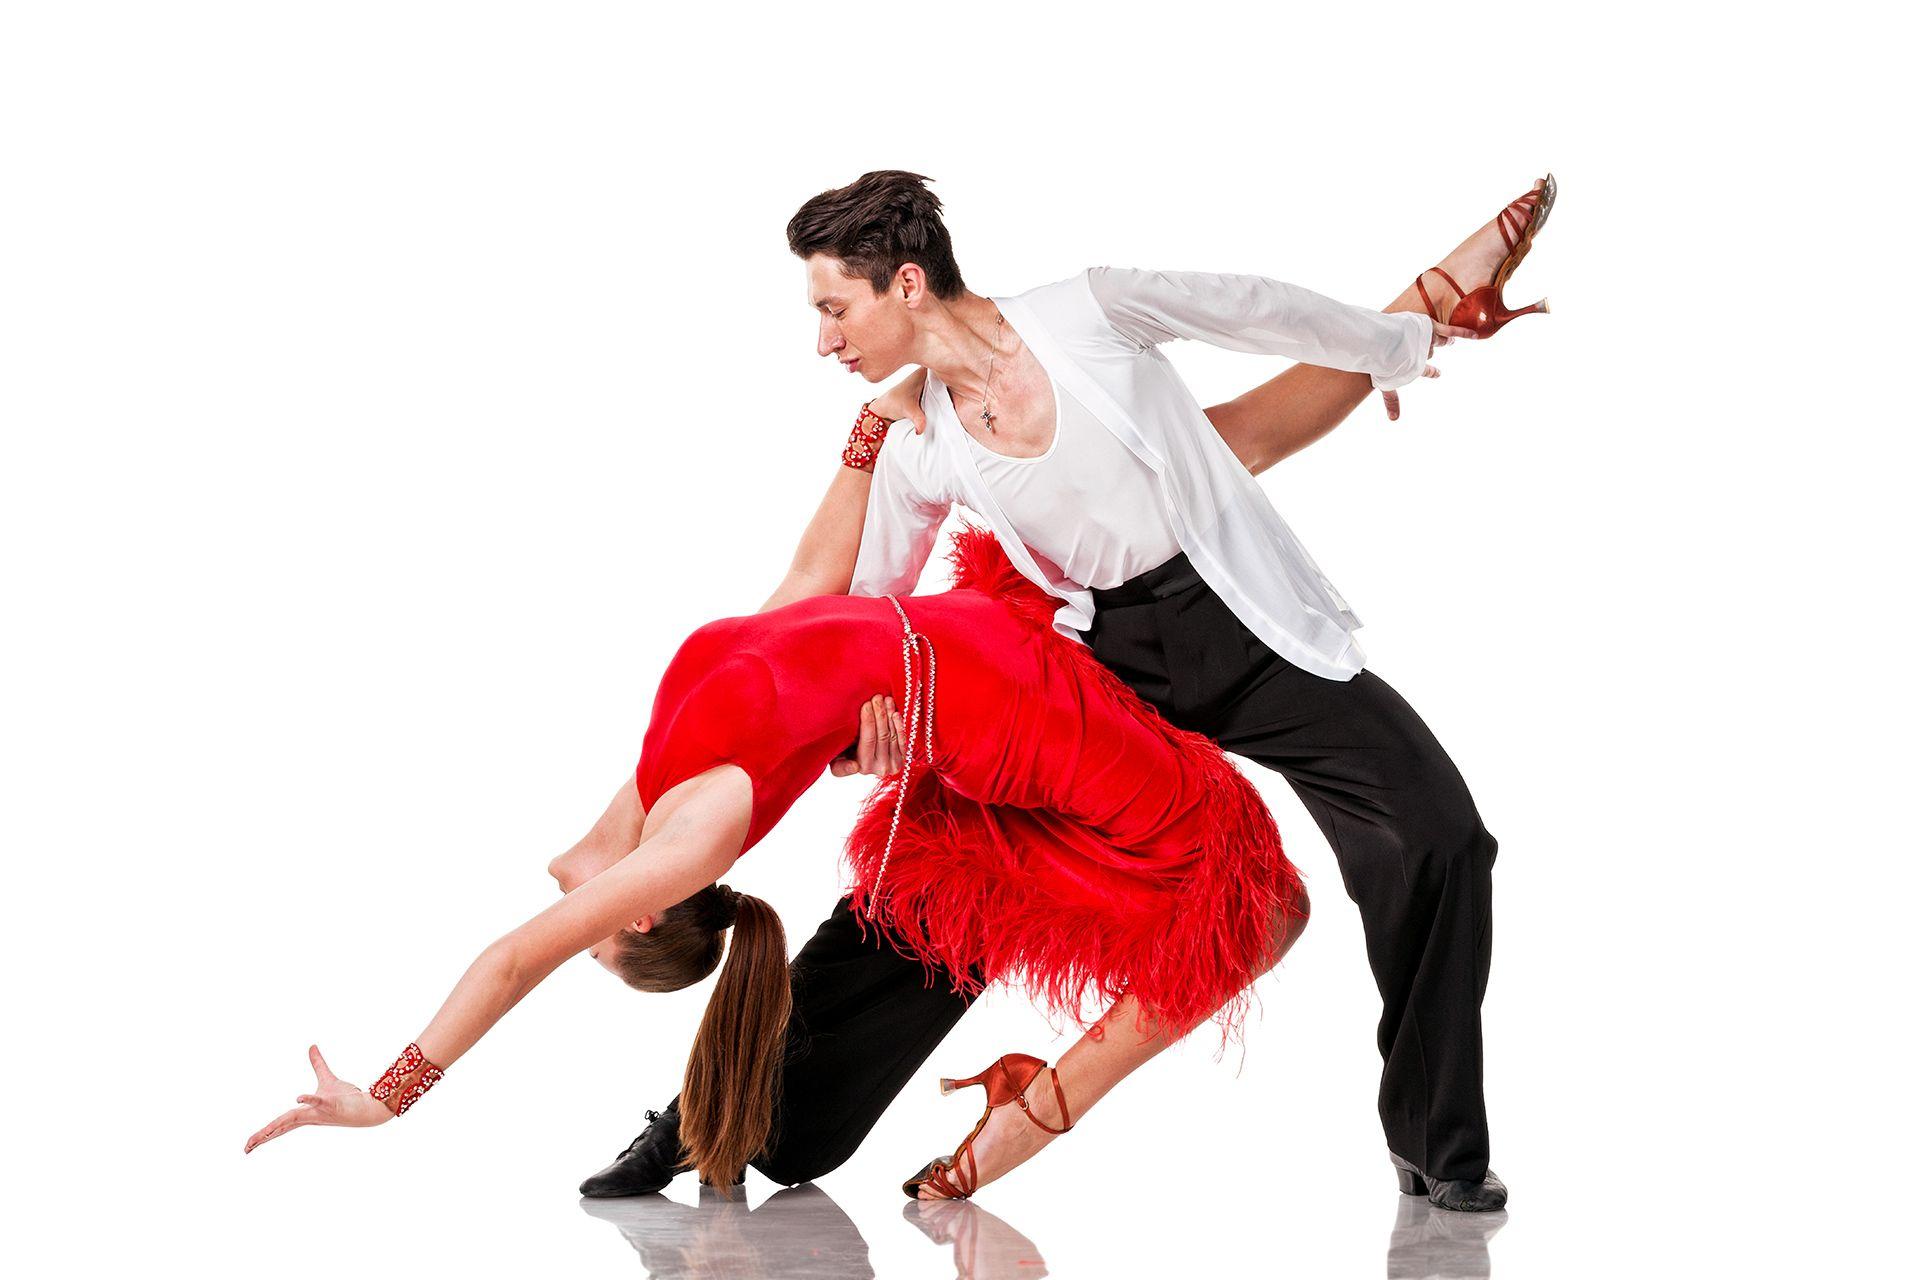 tanzen für singles ab 50 in hamburg